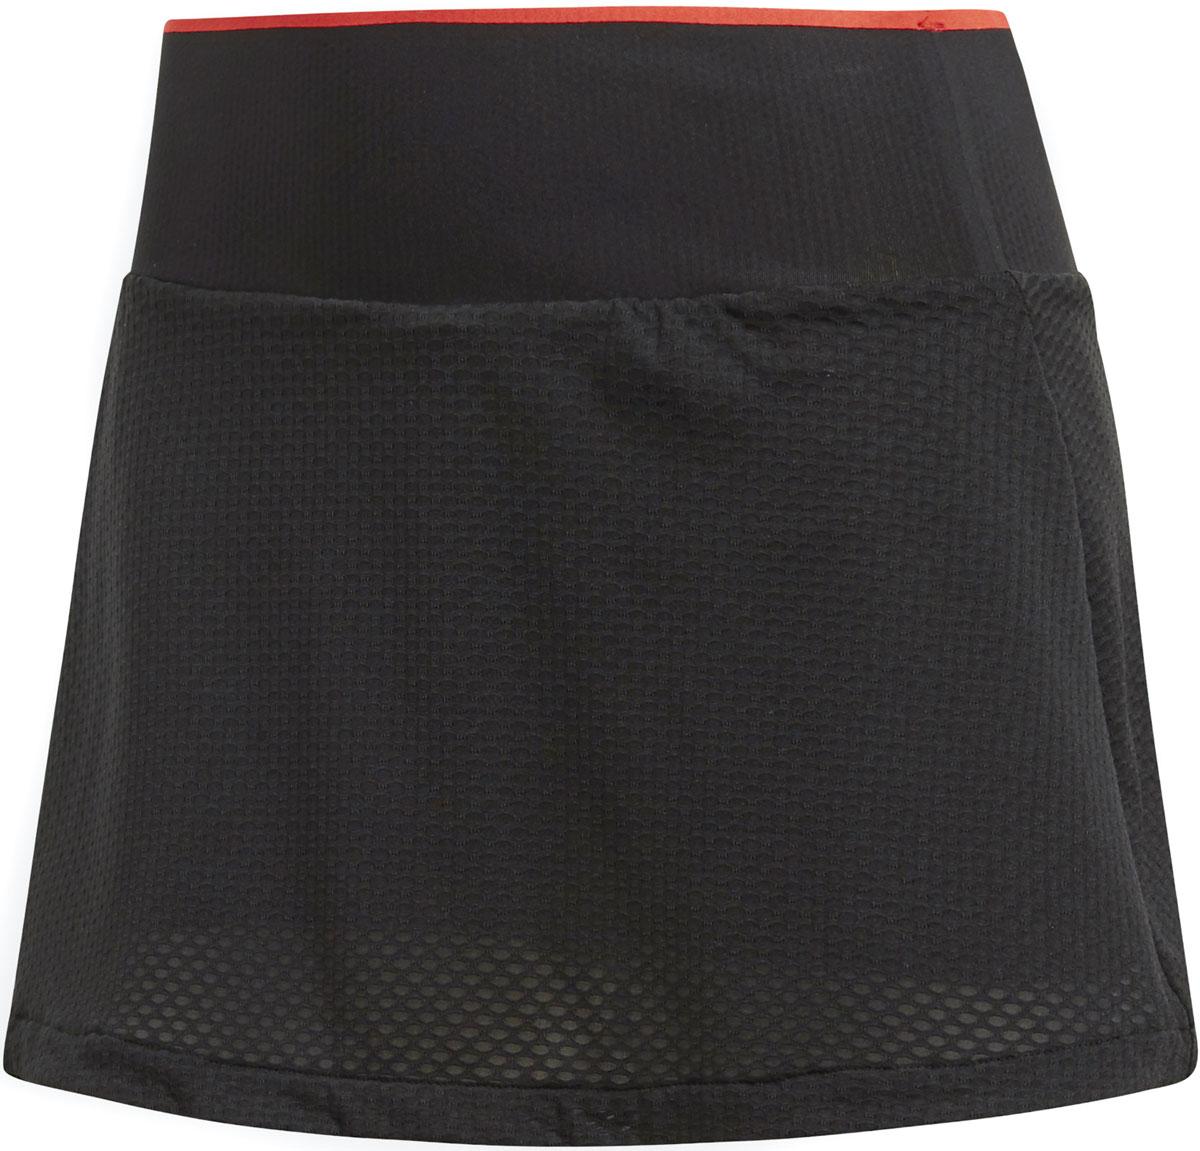 Юбка Adidas Bcade Skirt, цвет: черный. CE0369. Размер L (48/50)CE0369В этой теннисной юбке от Adidas ты будешь готова к самым напряженным моментам матча. Быстросохнущая дышащая ткань с технологией Climacool сохраняет приятное ощущение прохлады и свежести и защищает от УФ-лучей. Юбка имеет широкий эластичный пояс. Вшитые шорты предусмотрены для дополнительного комфорта. Юбка оформлена логотипом adidas у нижнего края и ярлычком Barricade, расположенным сзади на бедре.